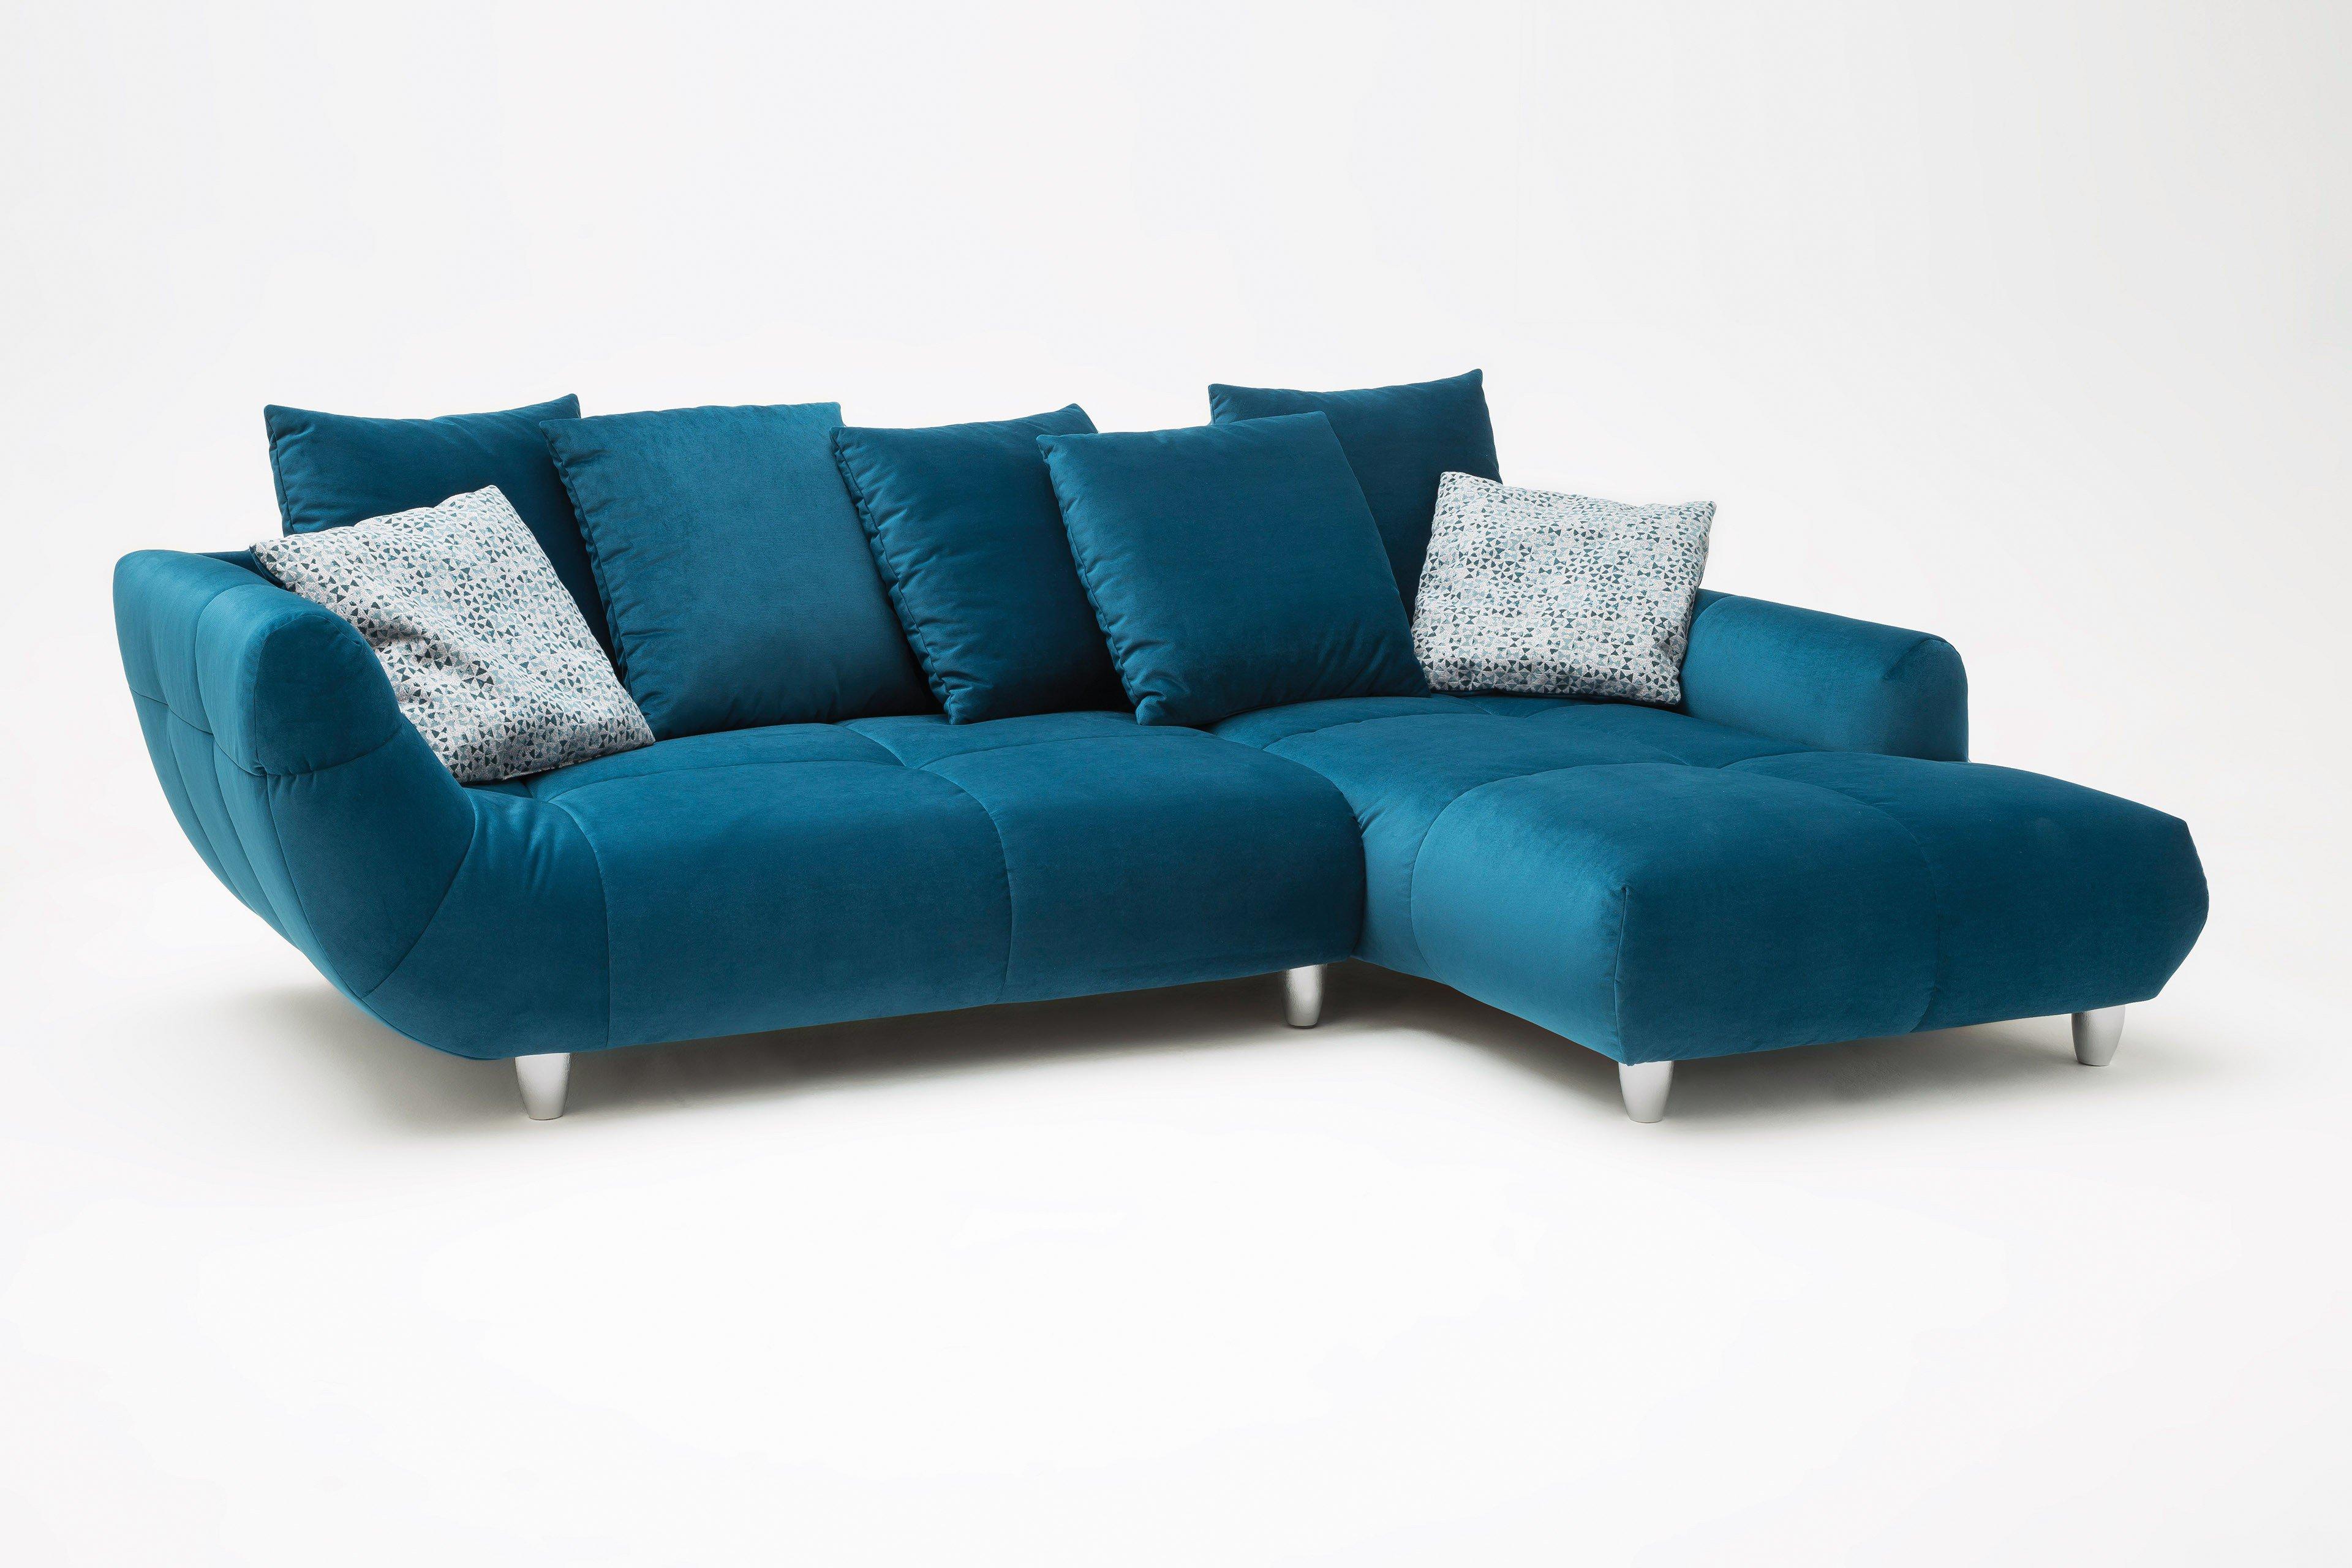 nova via jaipur polsterecke petrol m bel letz ihr online shop. Black Bedroom Furniture Sets. Home Design Ideas